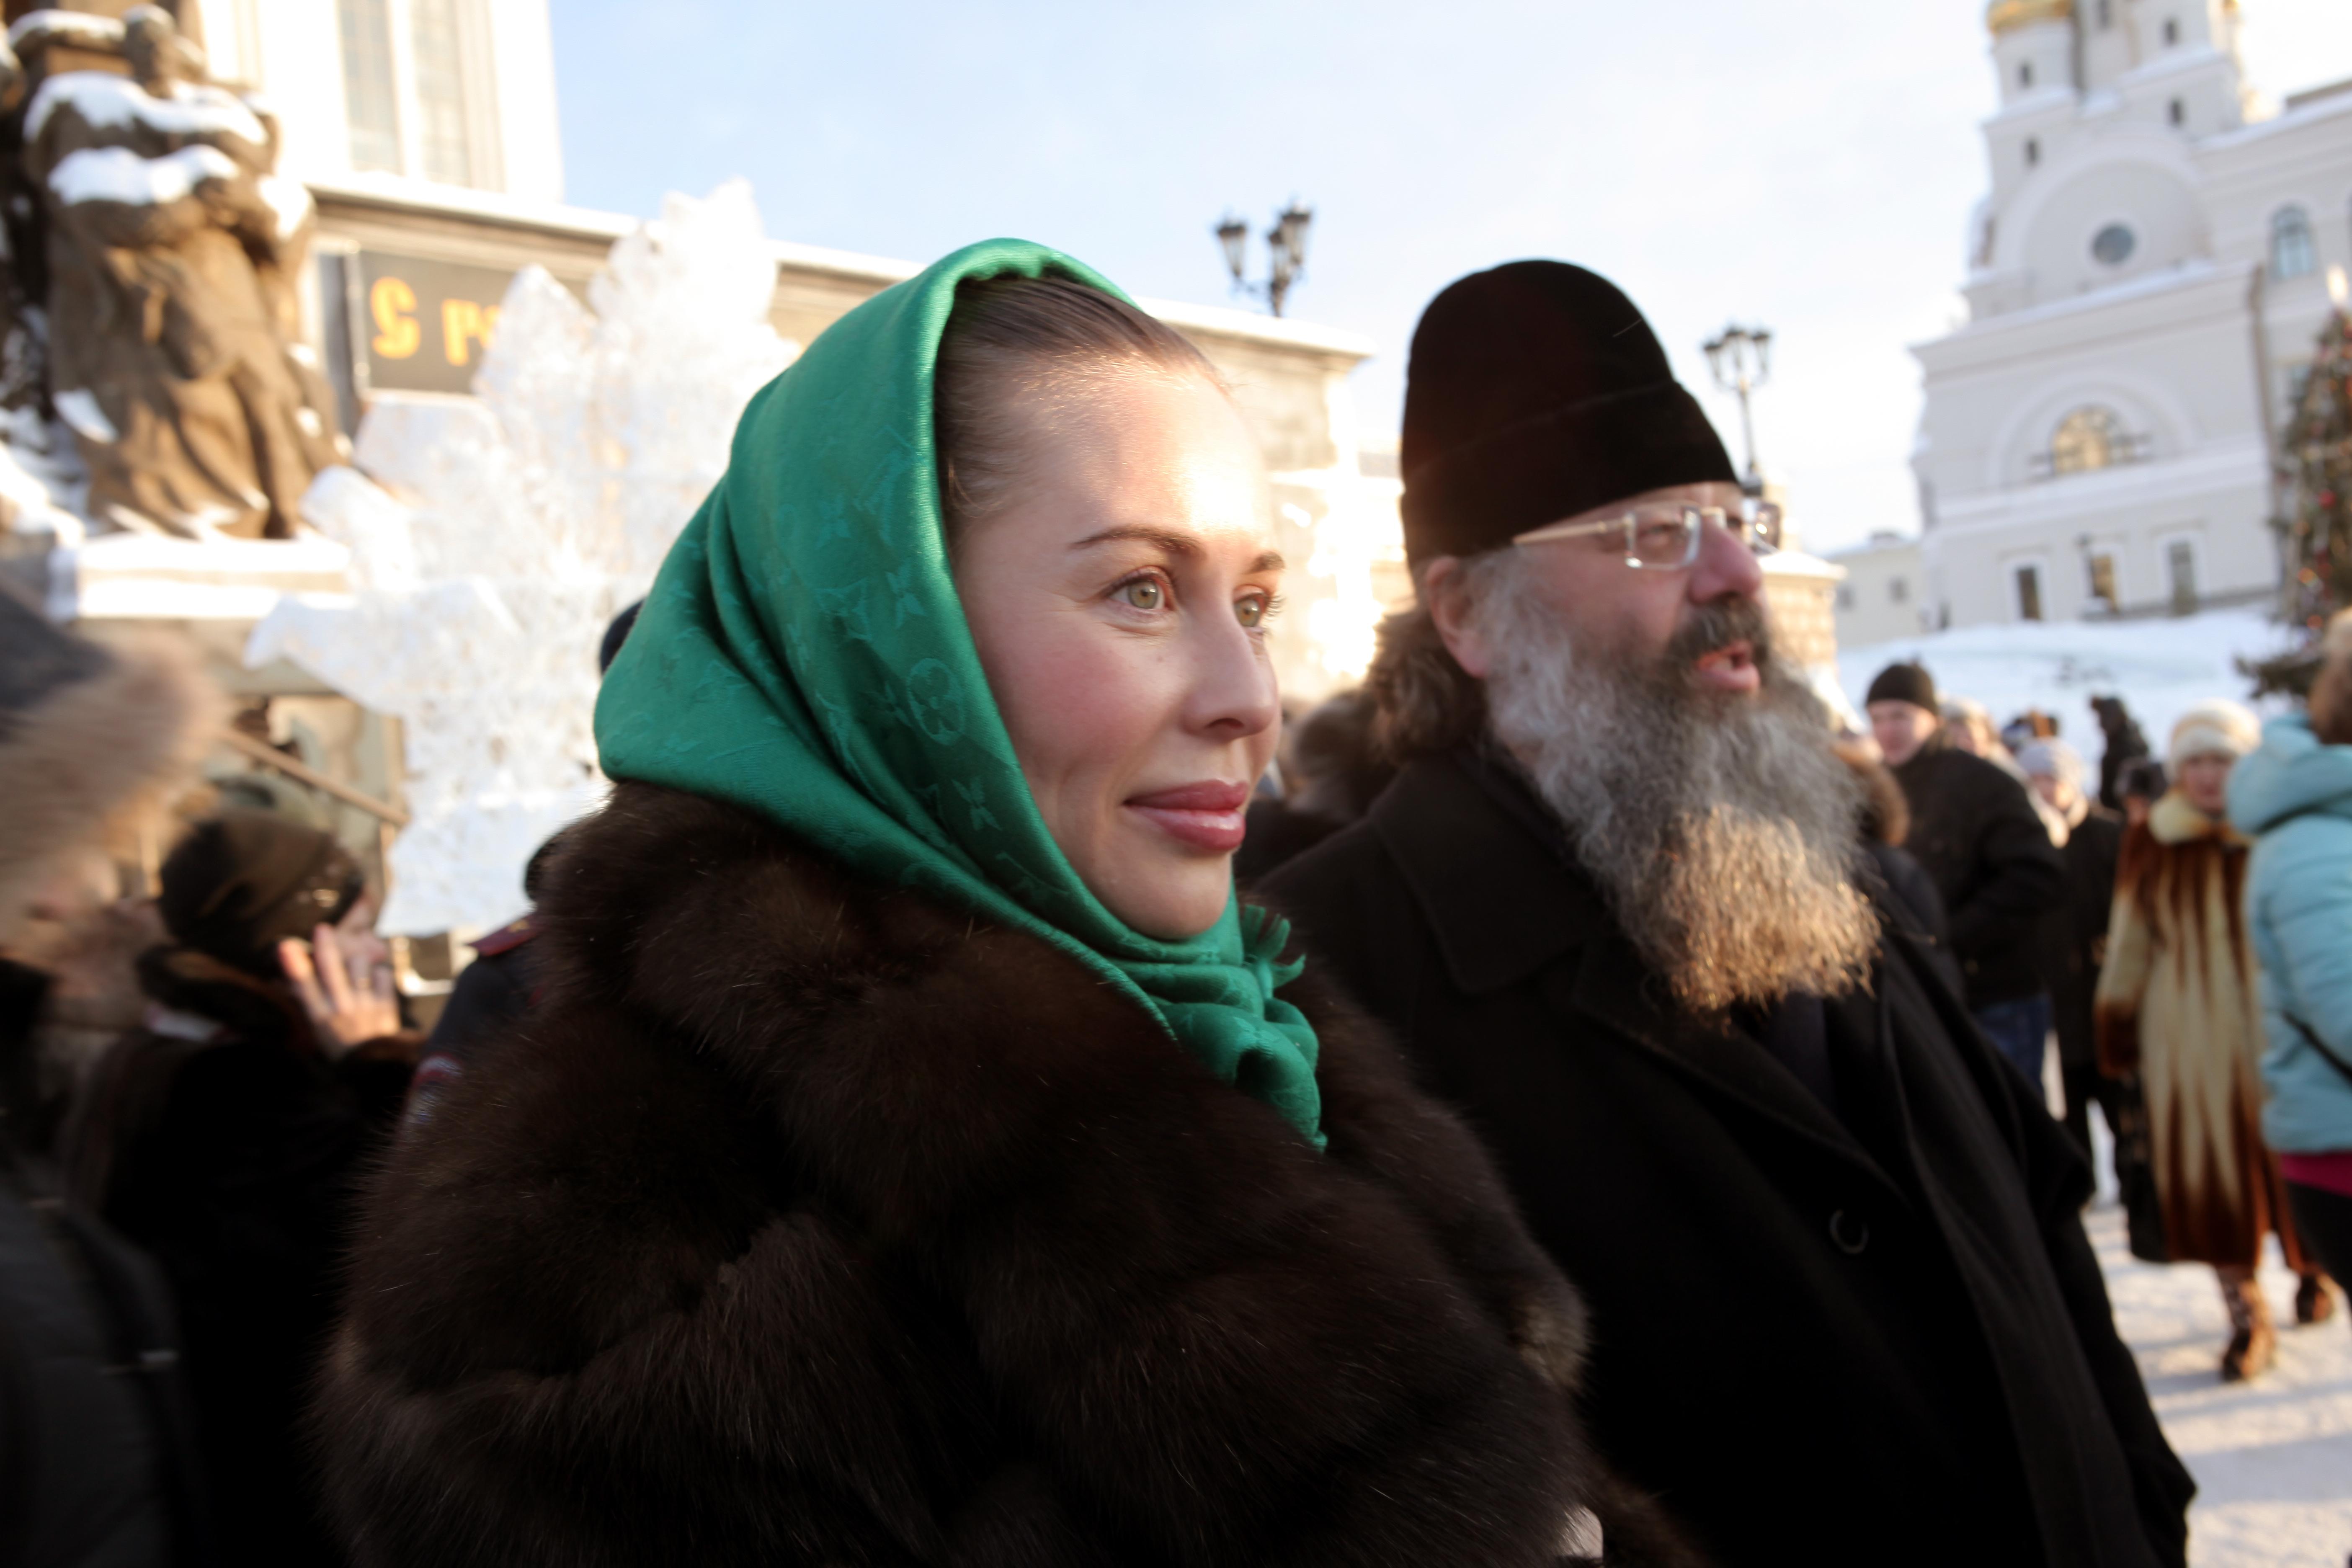 Митрополит Кирилл и Юля Михалкова выбрали лучшую ледовую скульптуру у Храма-на-Крови